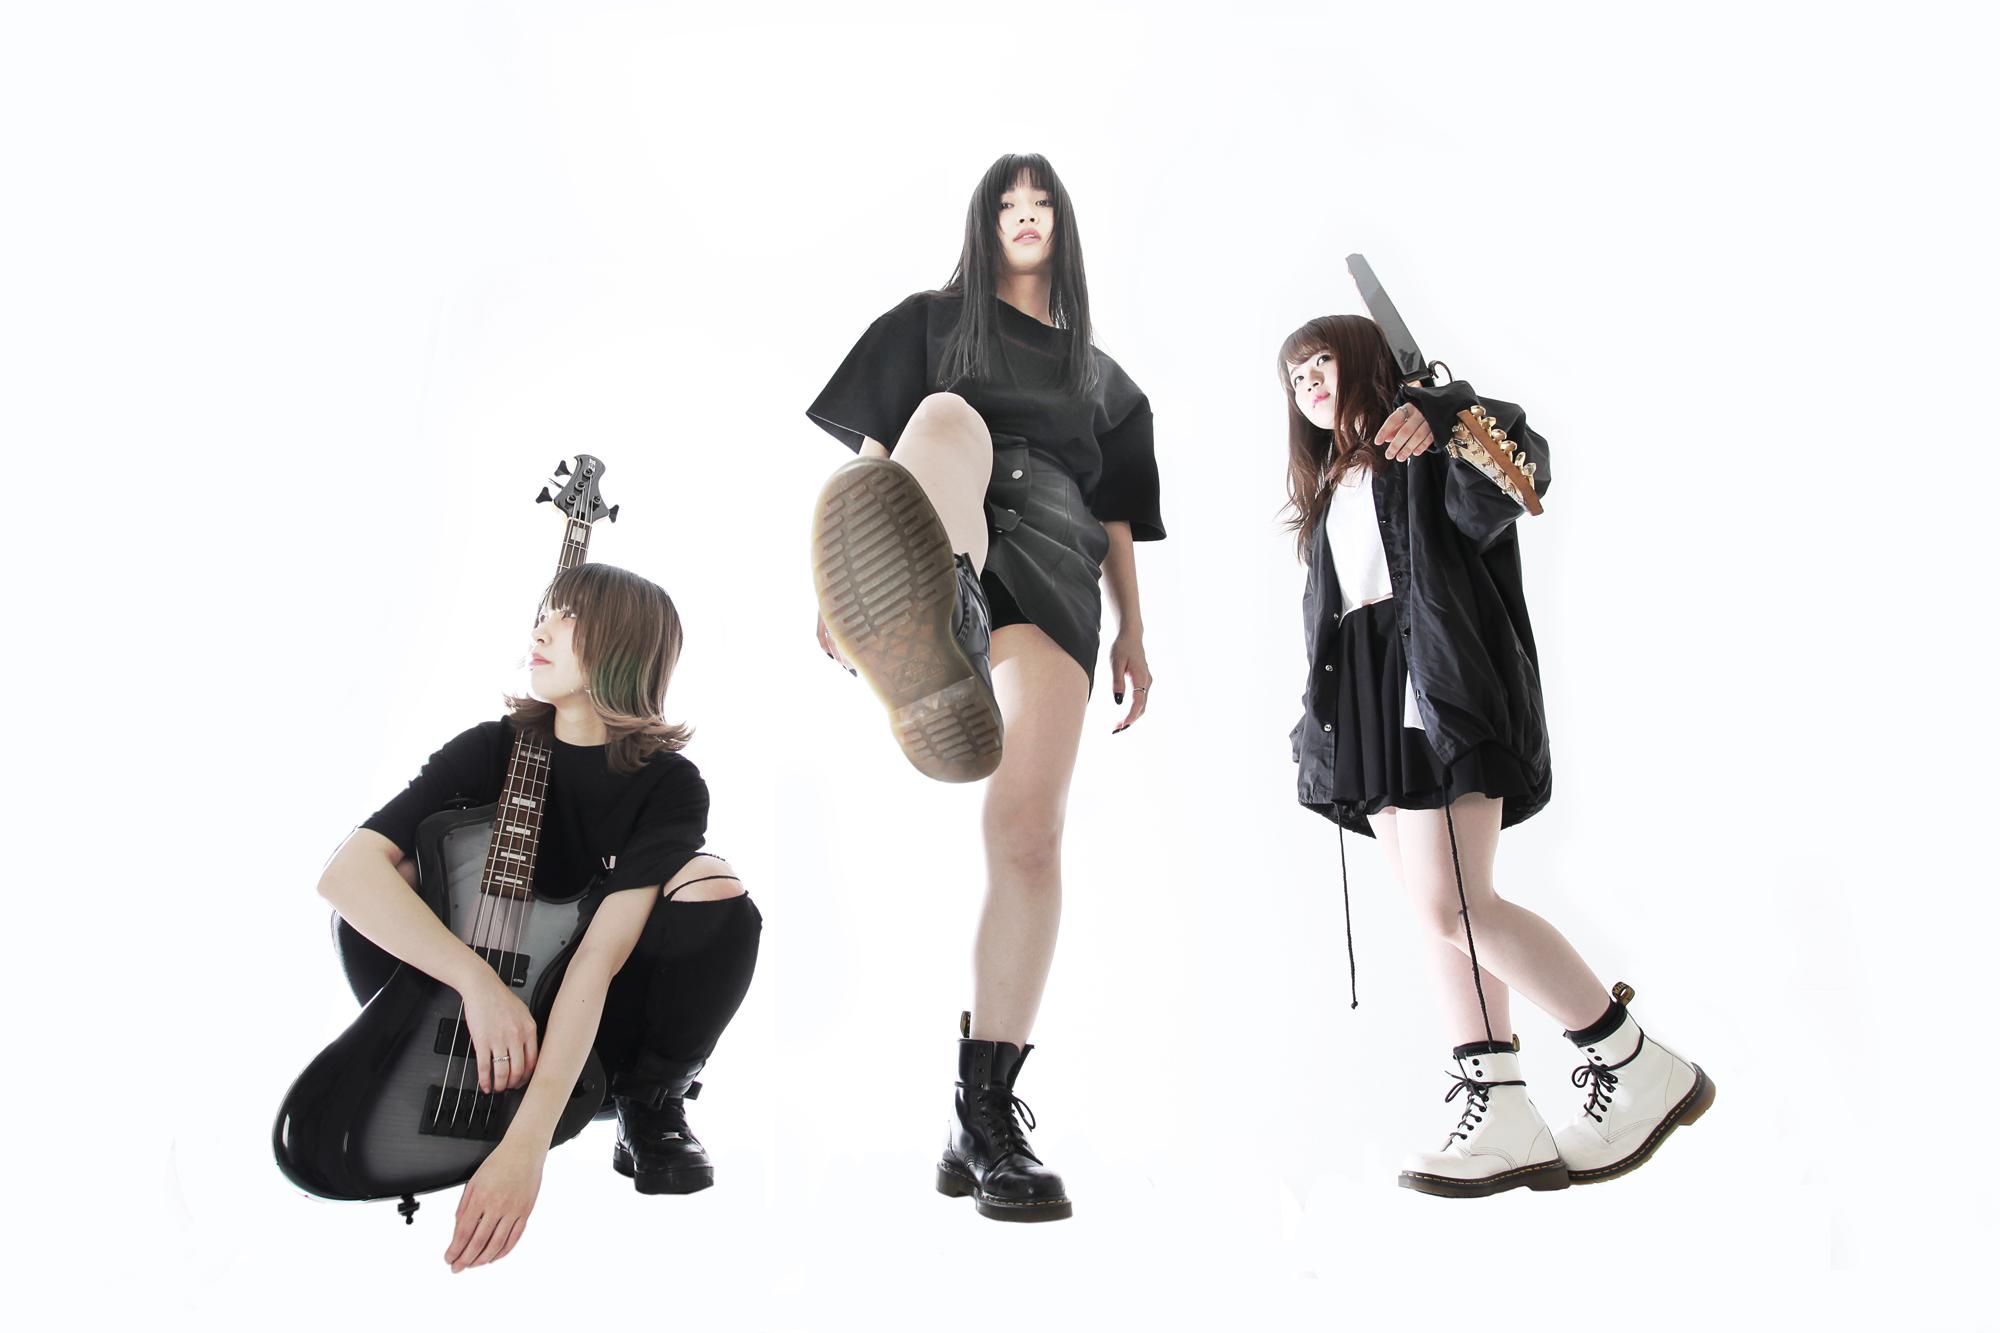 NekoPOP-BRATS-2017-04-artist-1